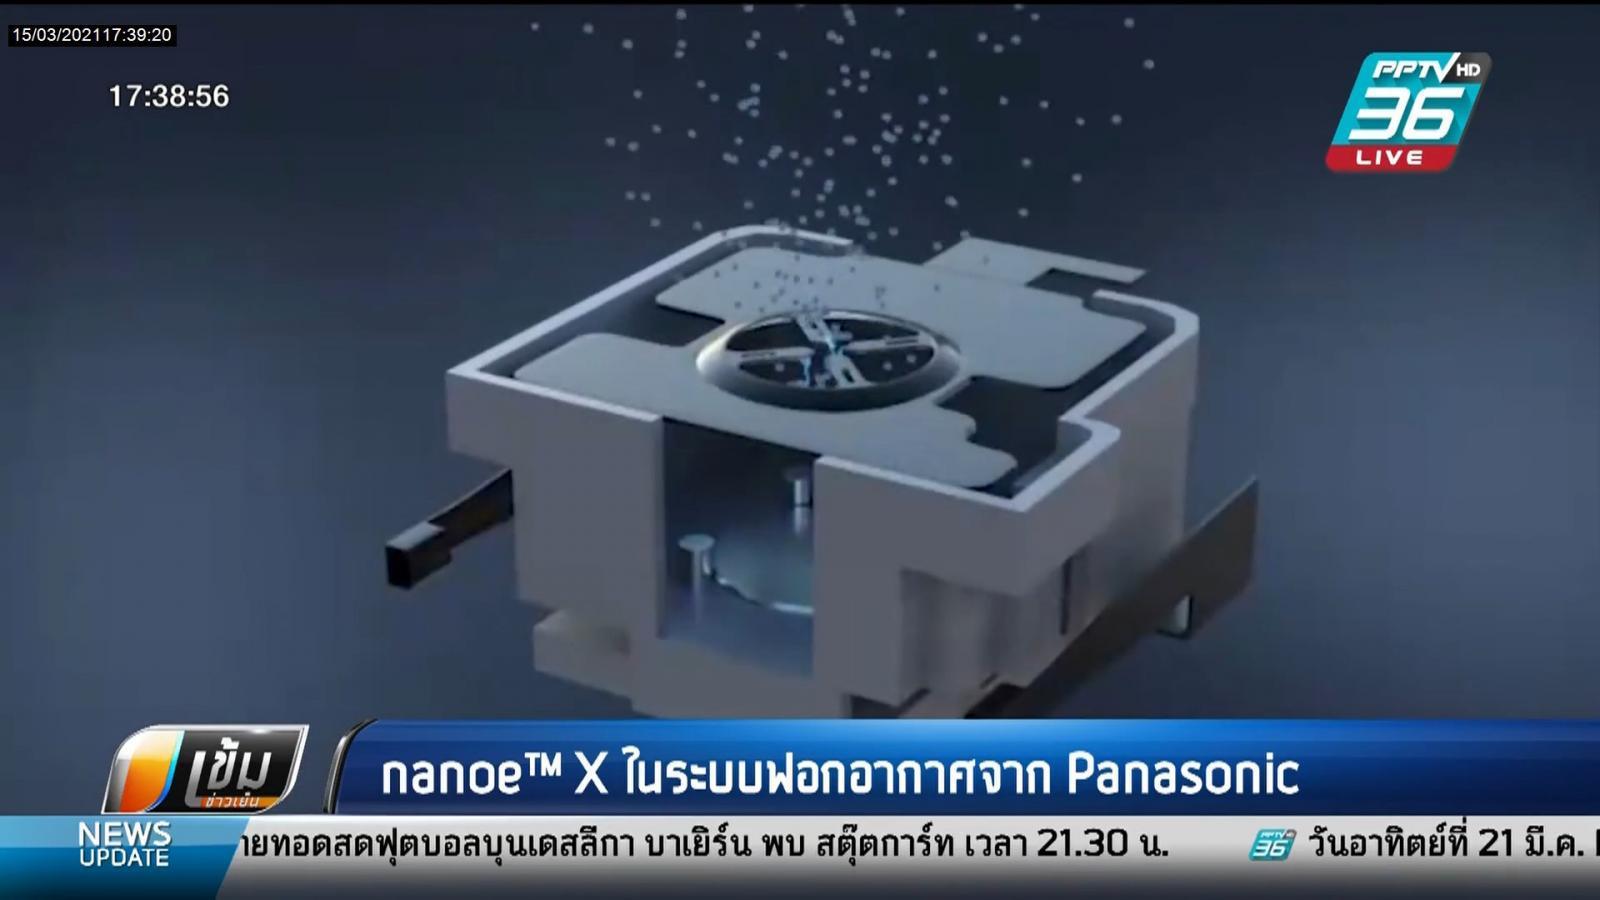 เครื่องปรับอากาศ nanoe™ X